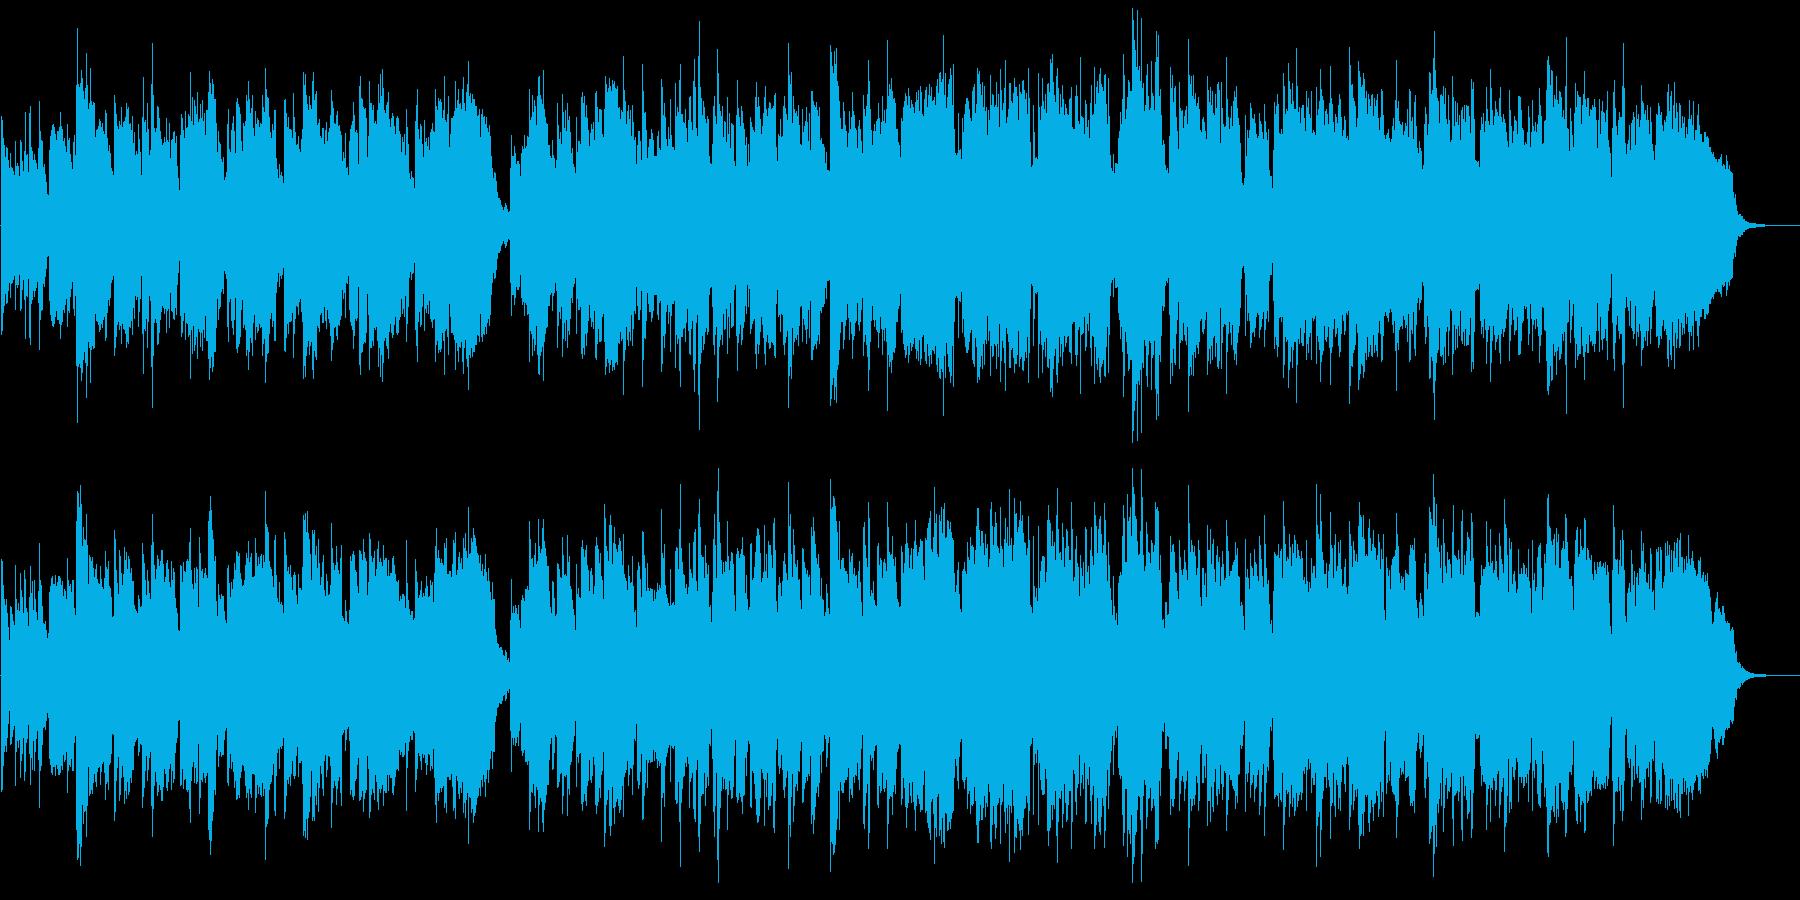 篠笛生演奏の和風バラード ゆったりと壮大の再生済みの波形